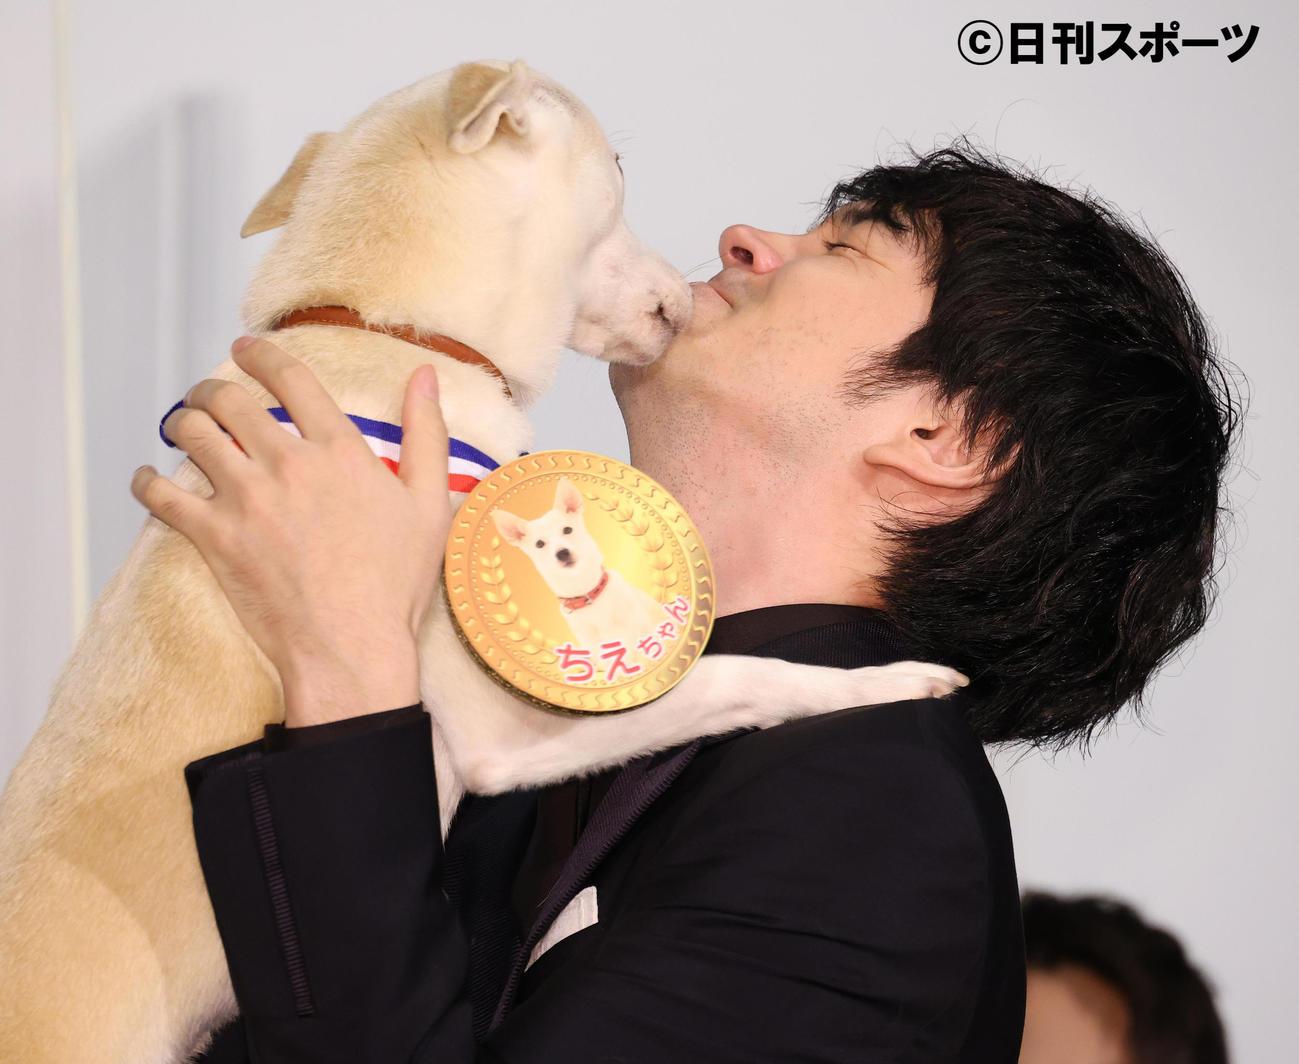 共演した保護犬の「ちえ」に金メダルをプレゼントし、顔をなめられる林遣都(撮影・中島郁夫)